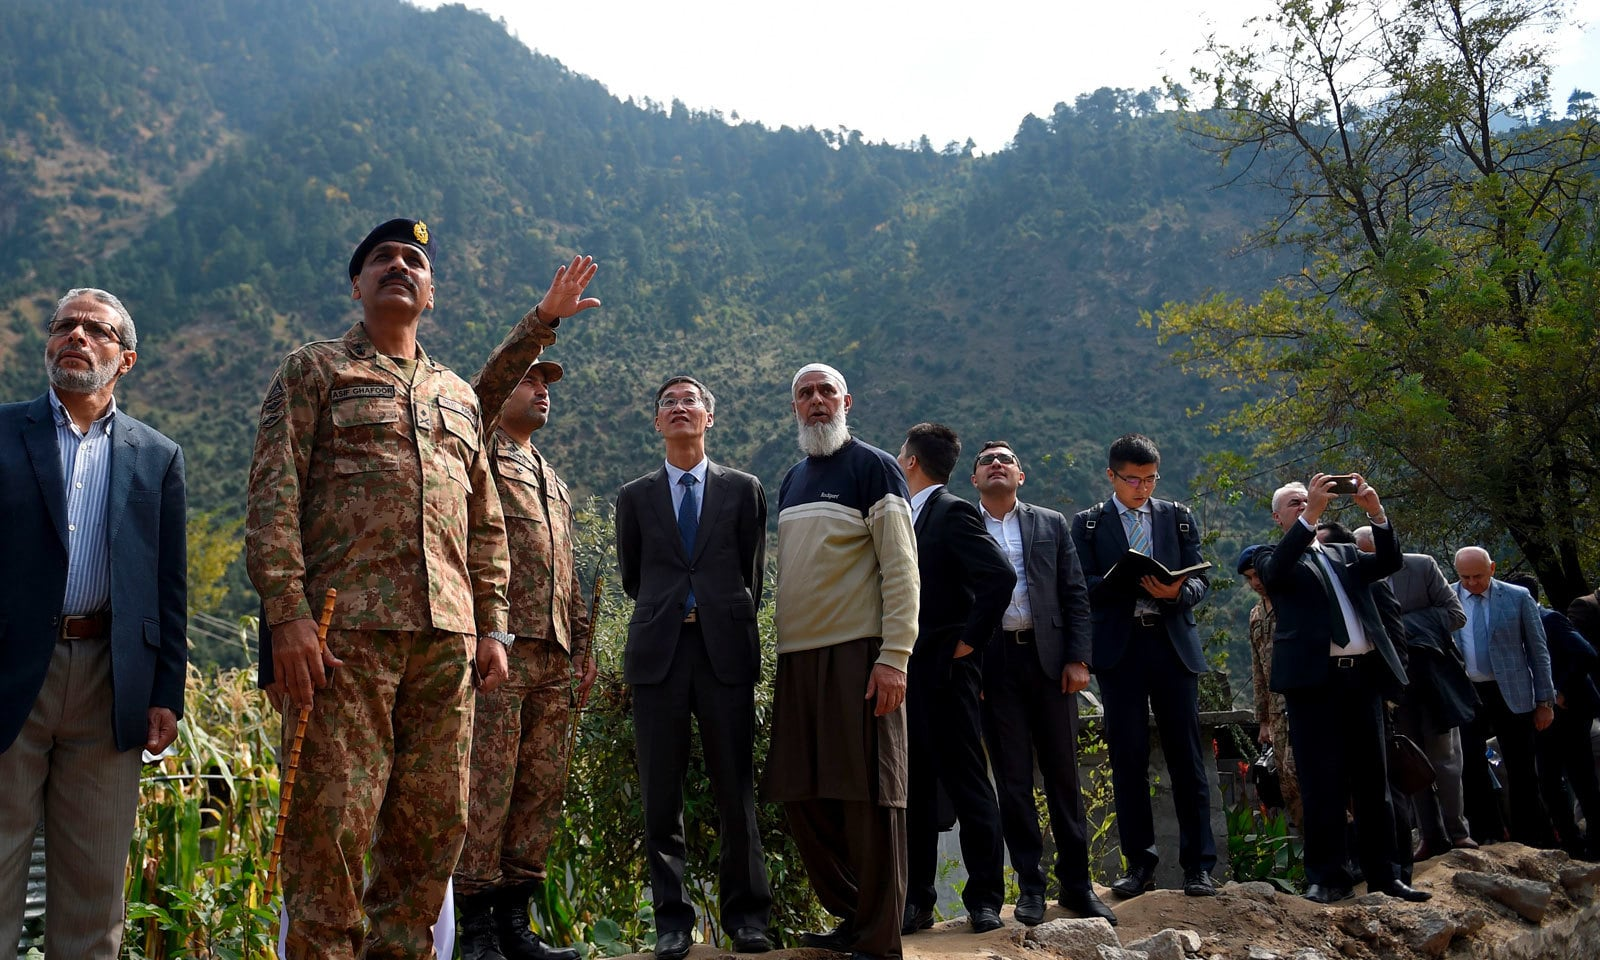 پاک فوج کے افسر غیر ملکی سفرا کو نقصانات کے حوالے سے بریفنگ دے رہے ہیں — فوٹو: اے ایف پی